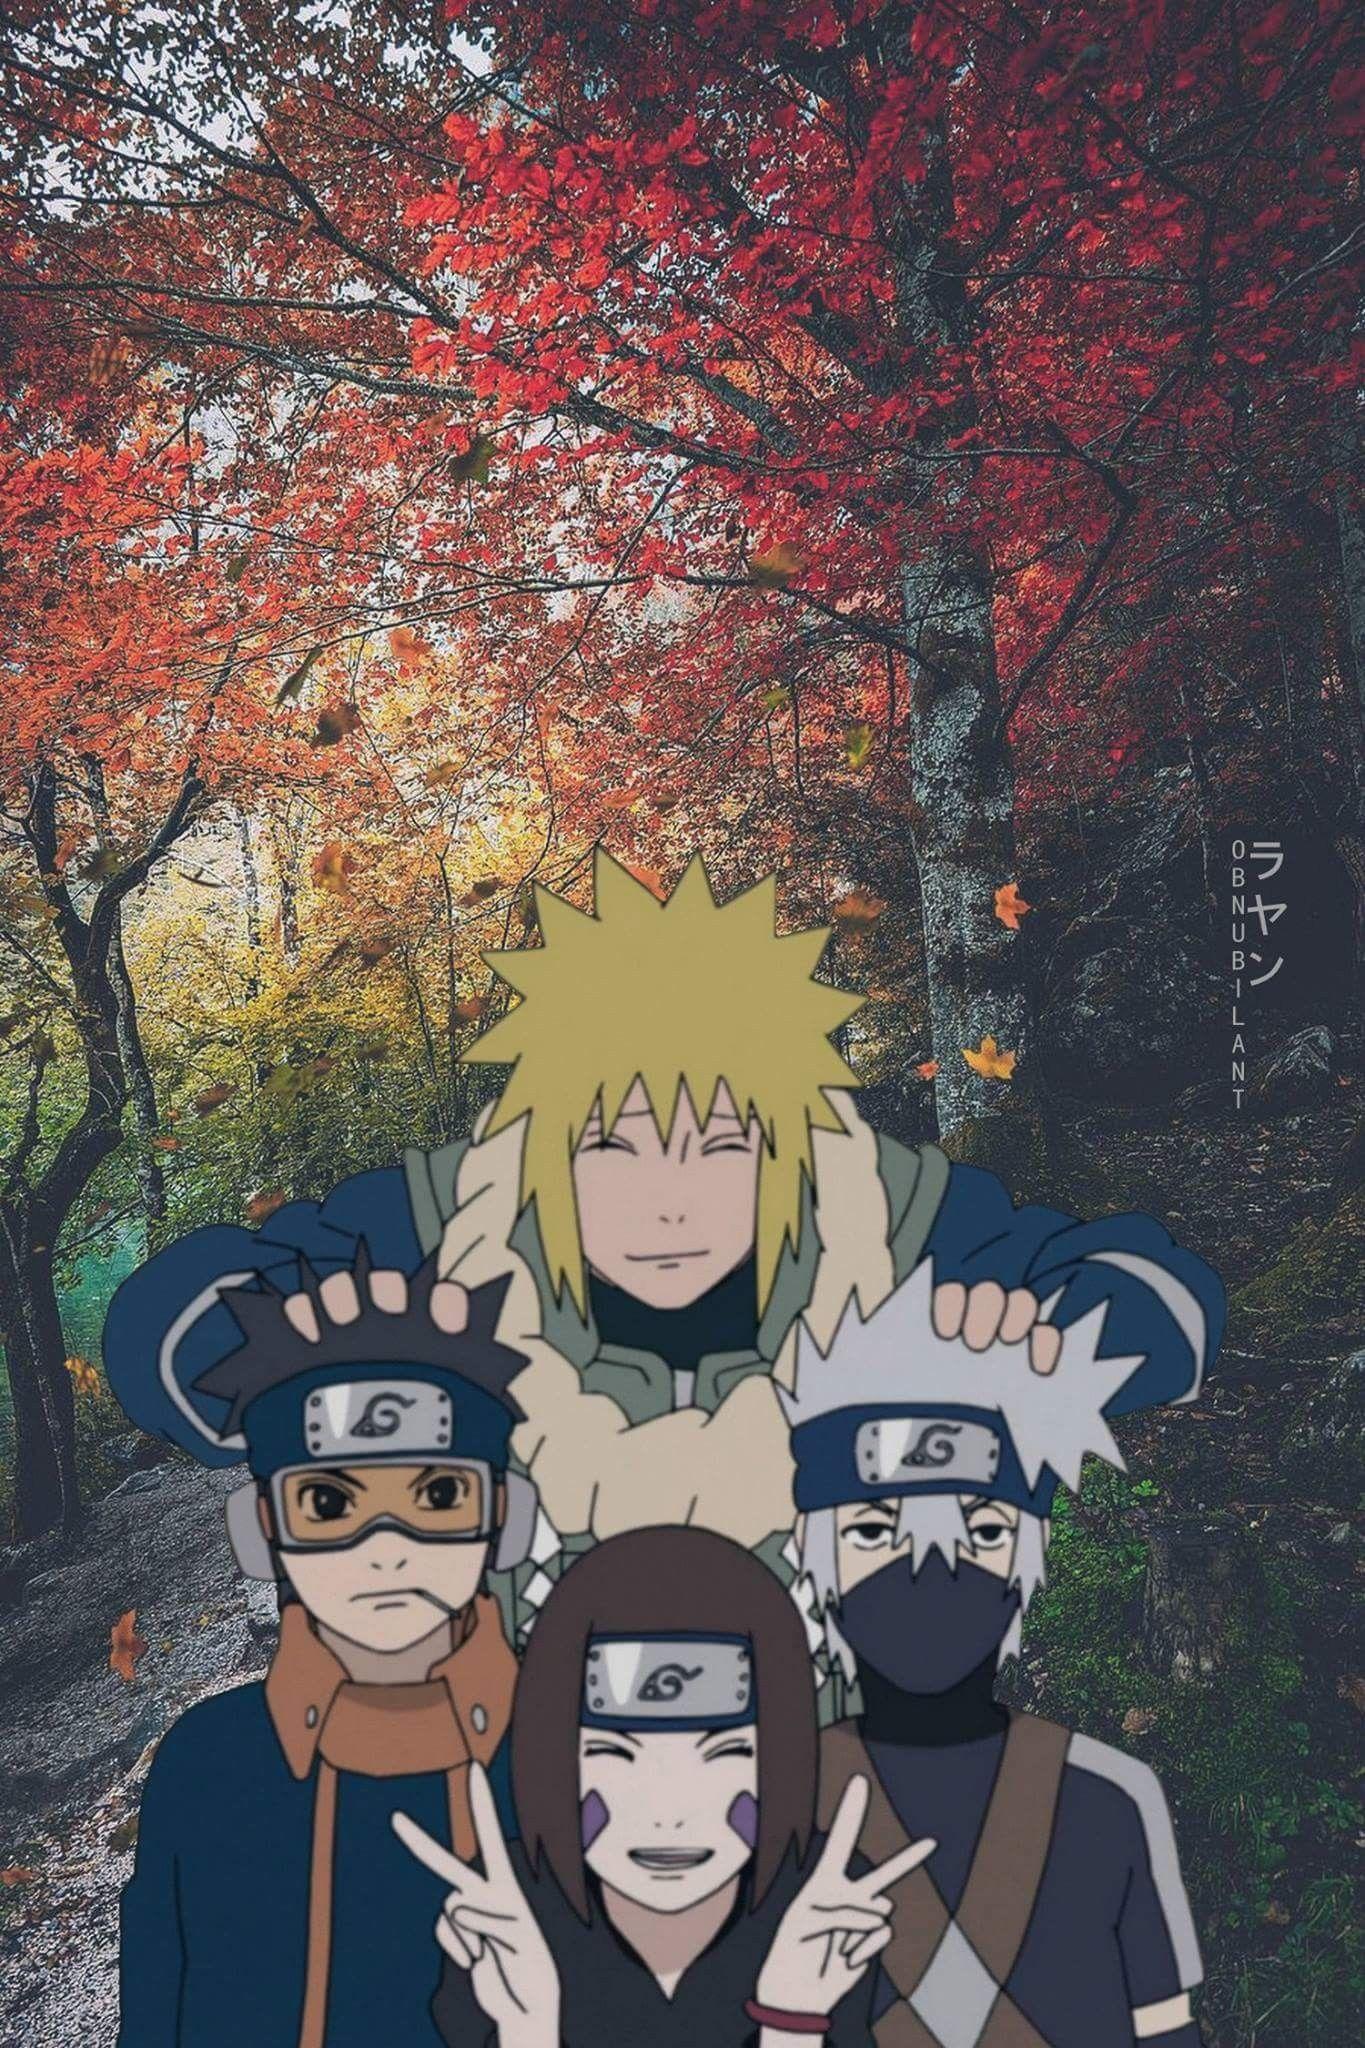 Minato Obito Rin And Kakashi Personnages Naruto Manga Naruto Kakashi Naruto